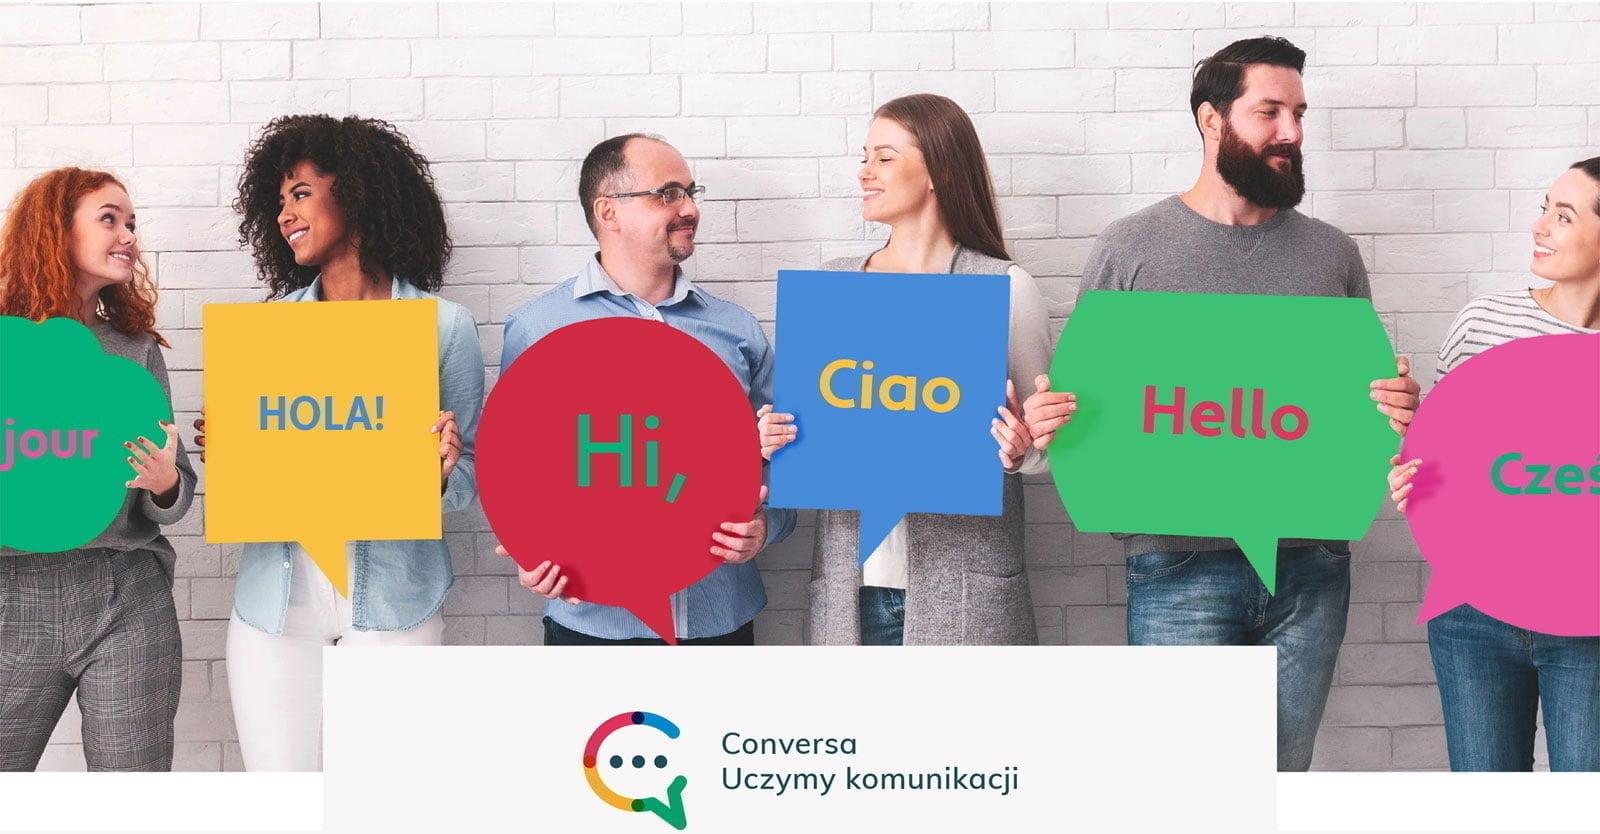 Conversa - uczymy komunikacji